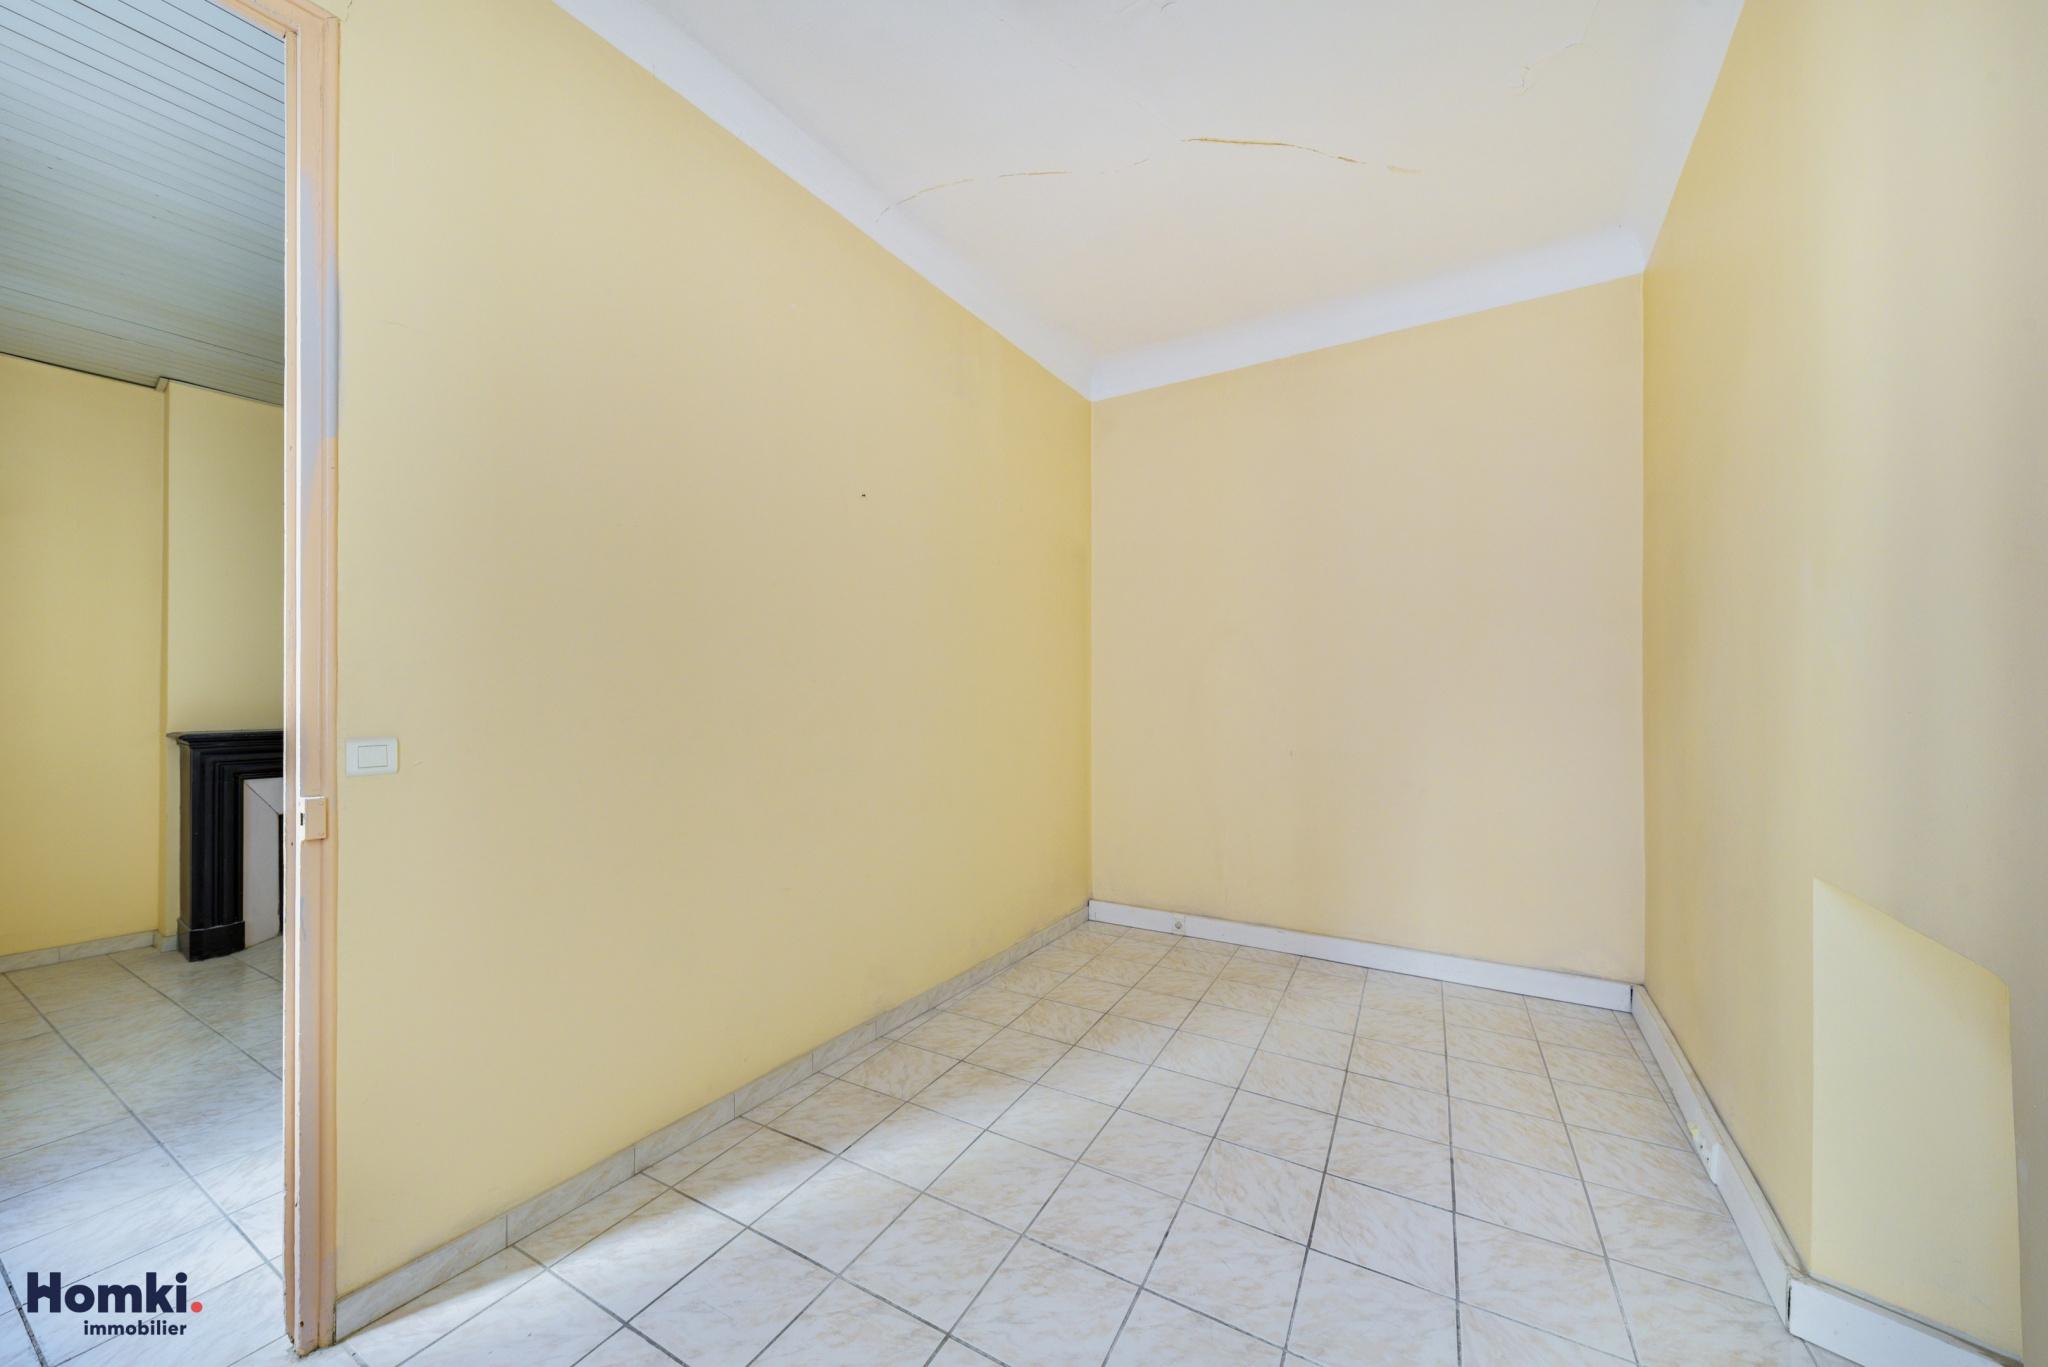 Homki - Vente appartement  de 75.0 m² à marseille 13001